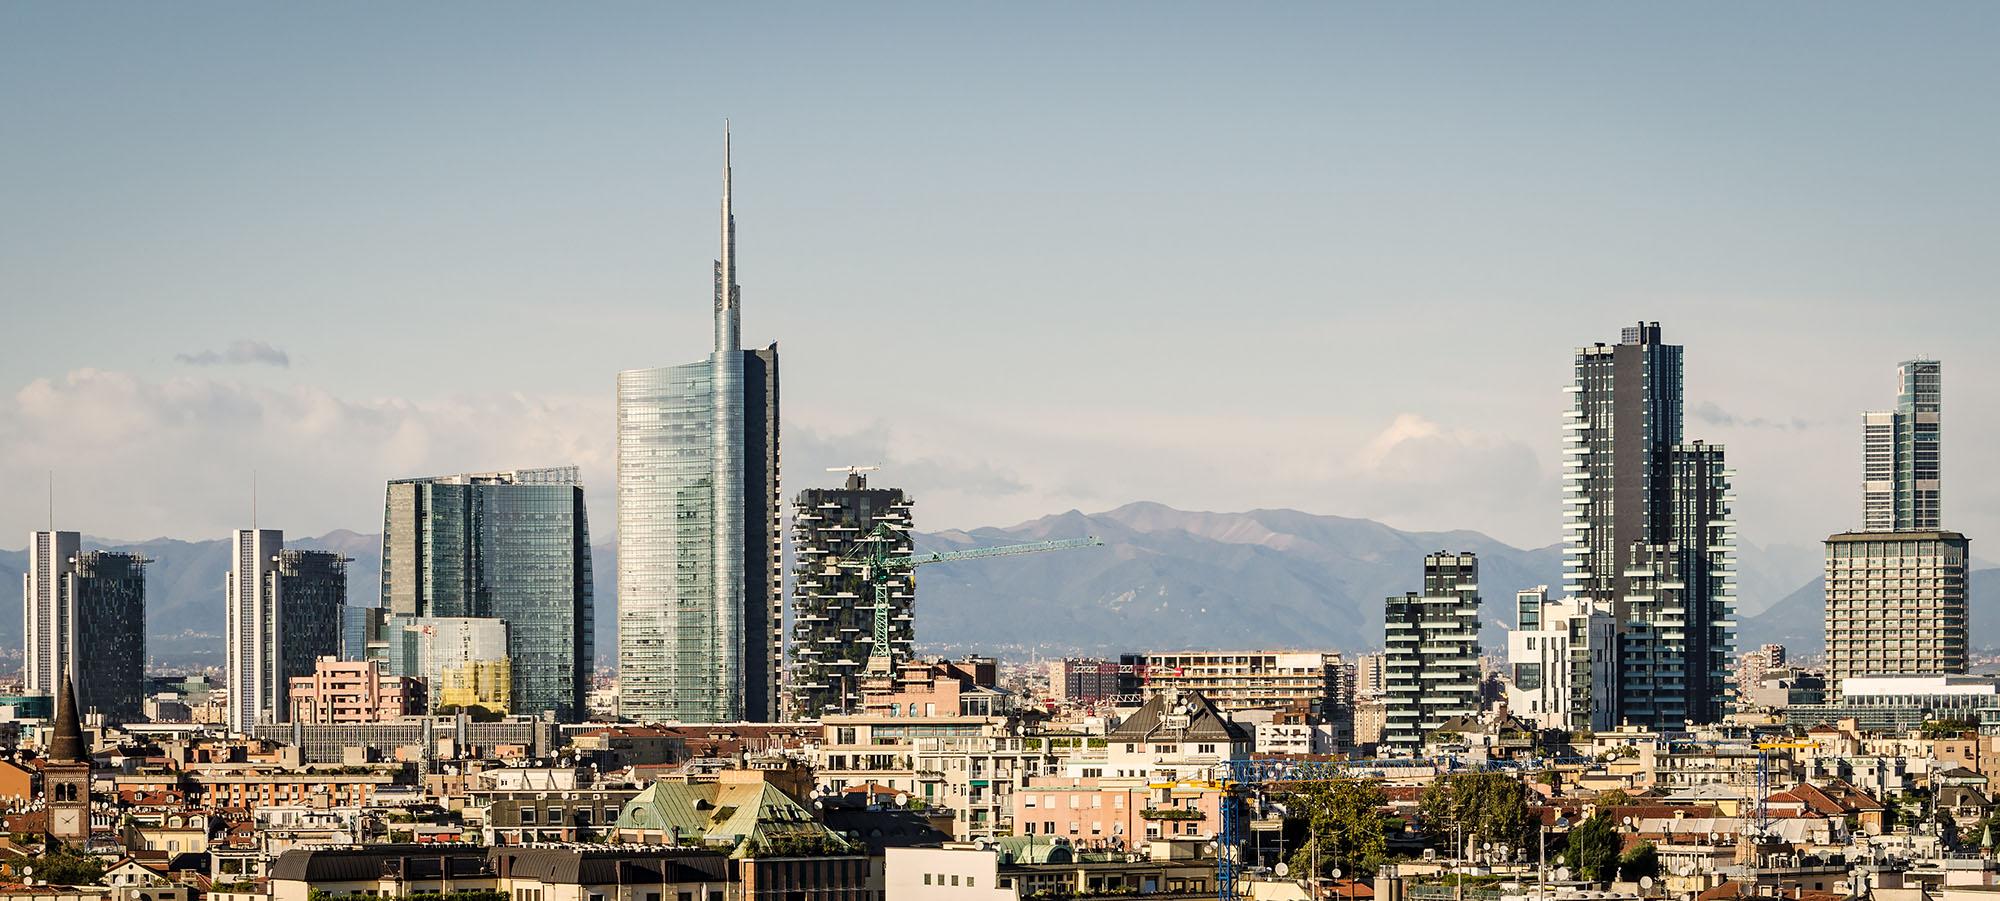 Immobiliare a milano boom di vendite per edifici di nuova for Immobiliare milano